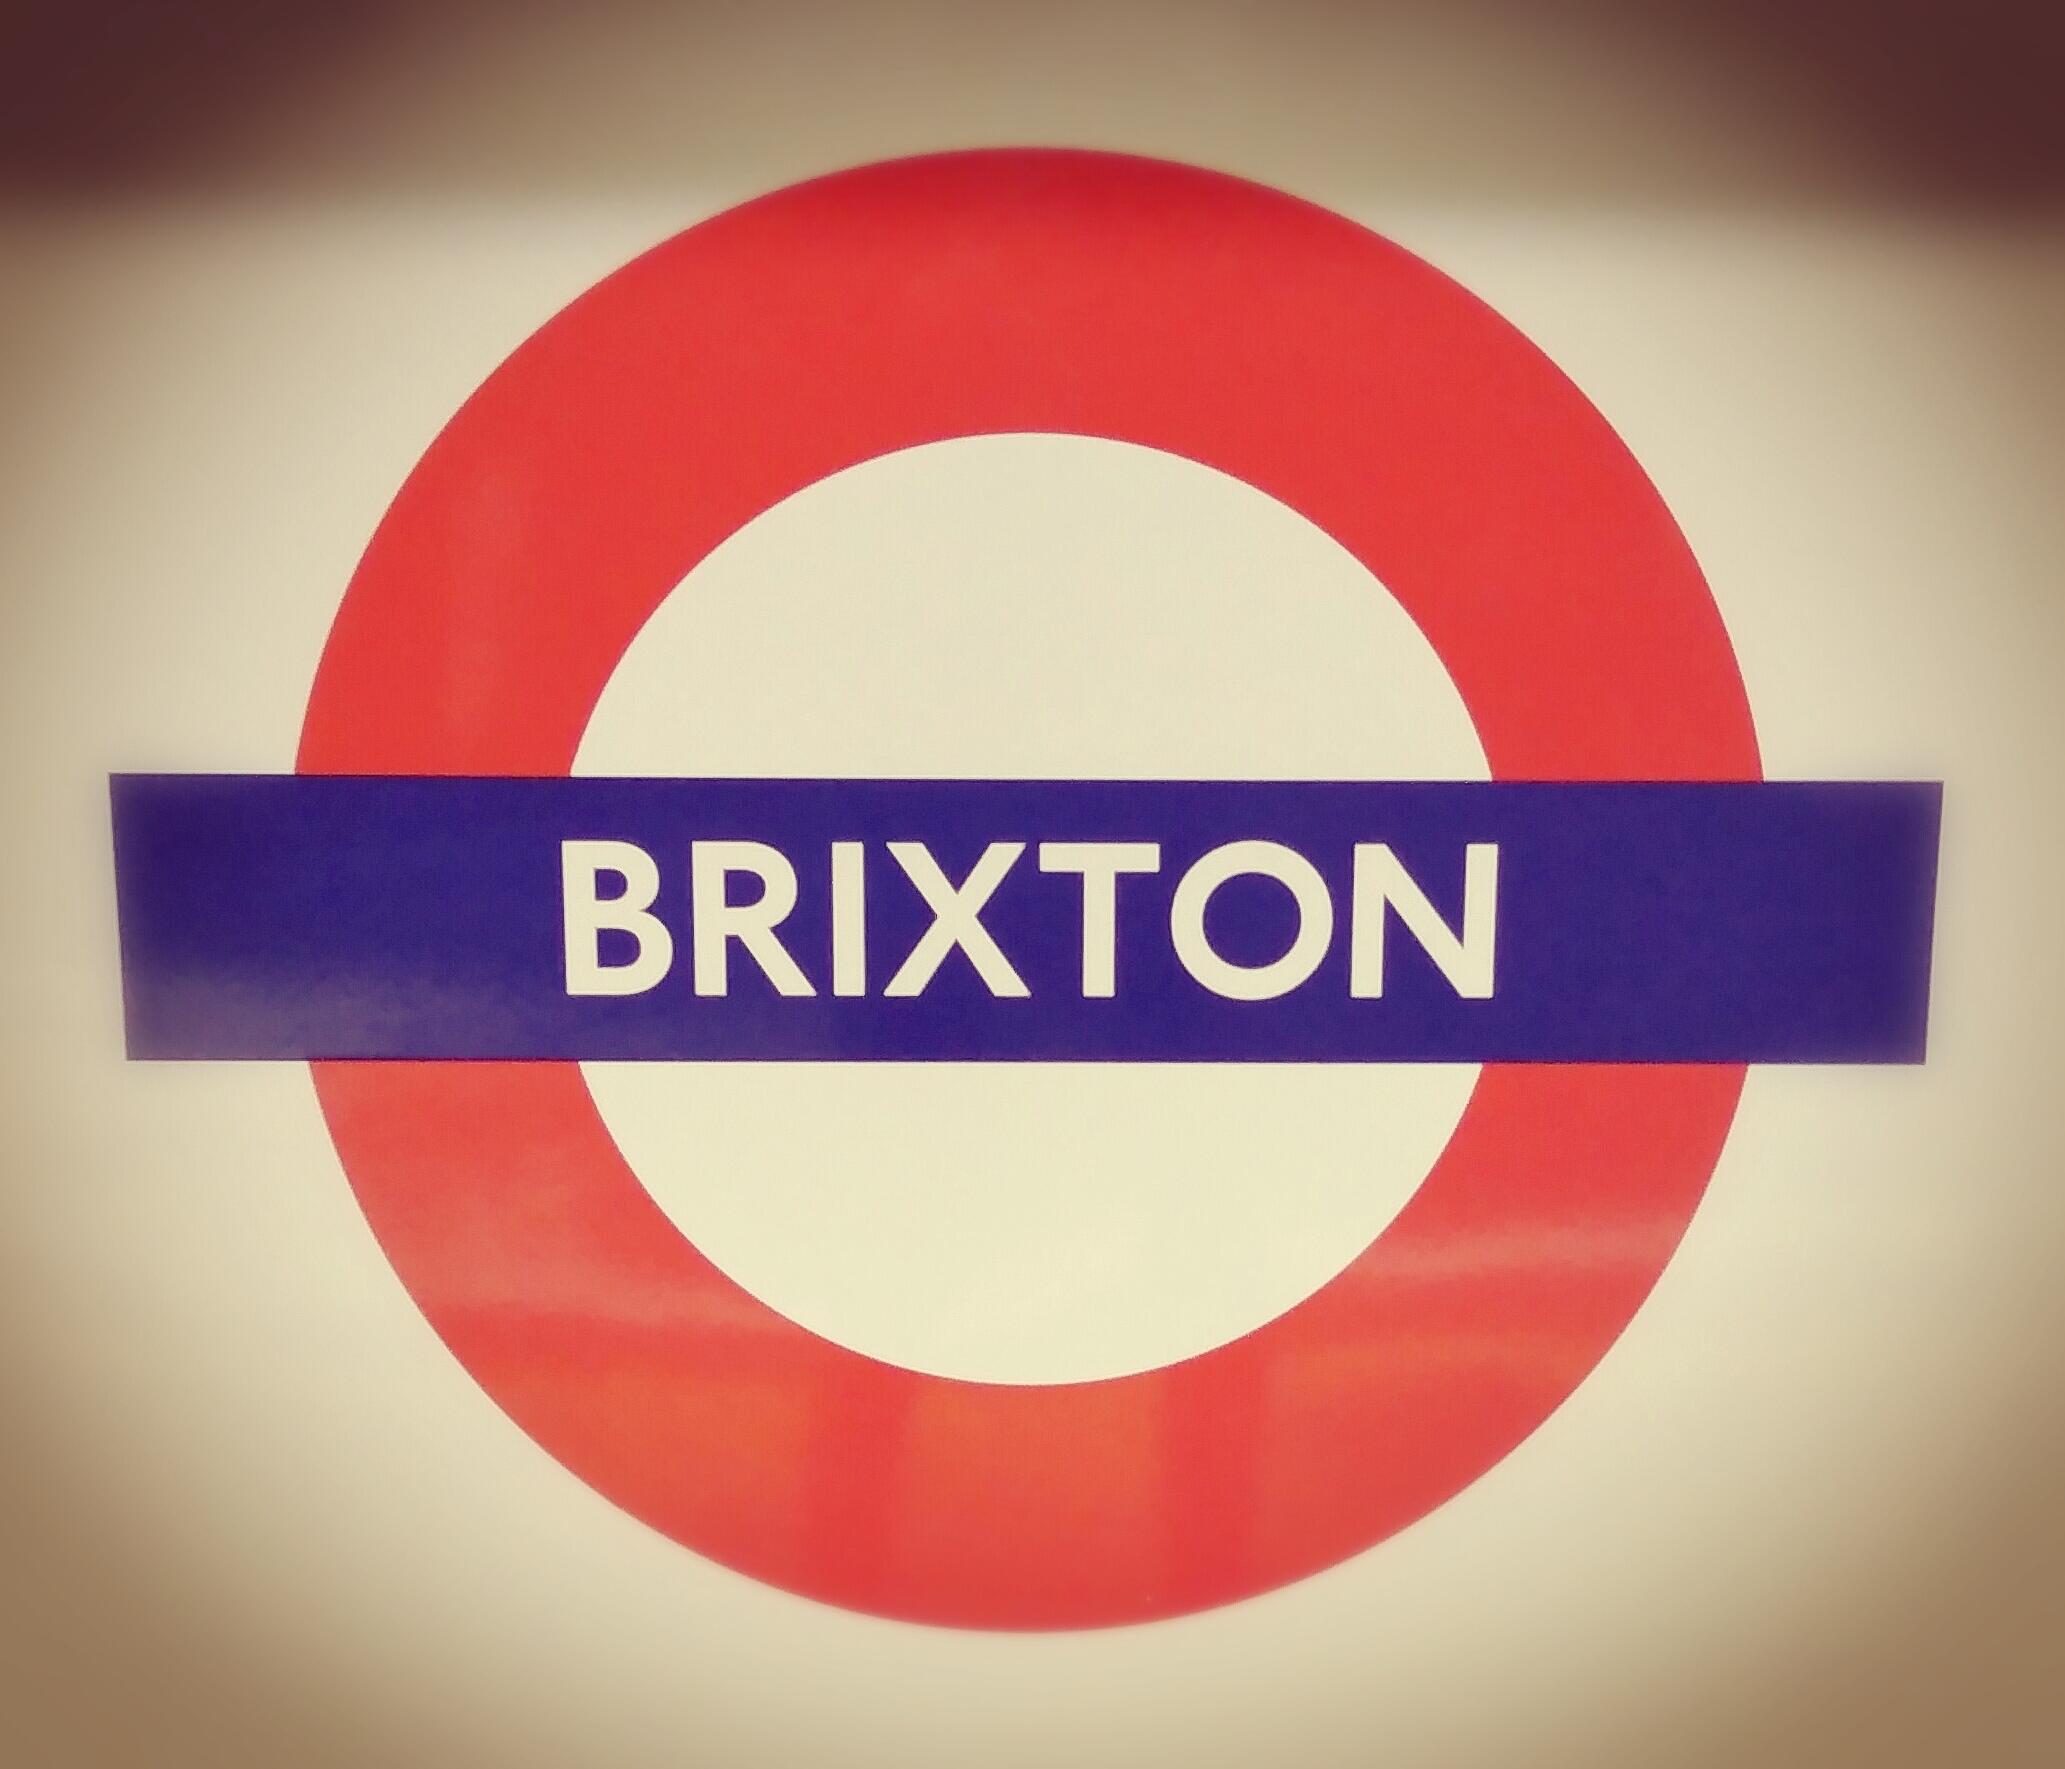 BRIXTON 1.jpg